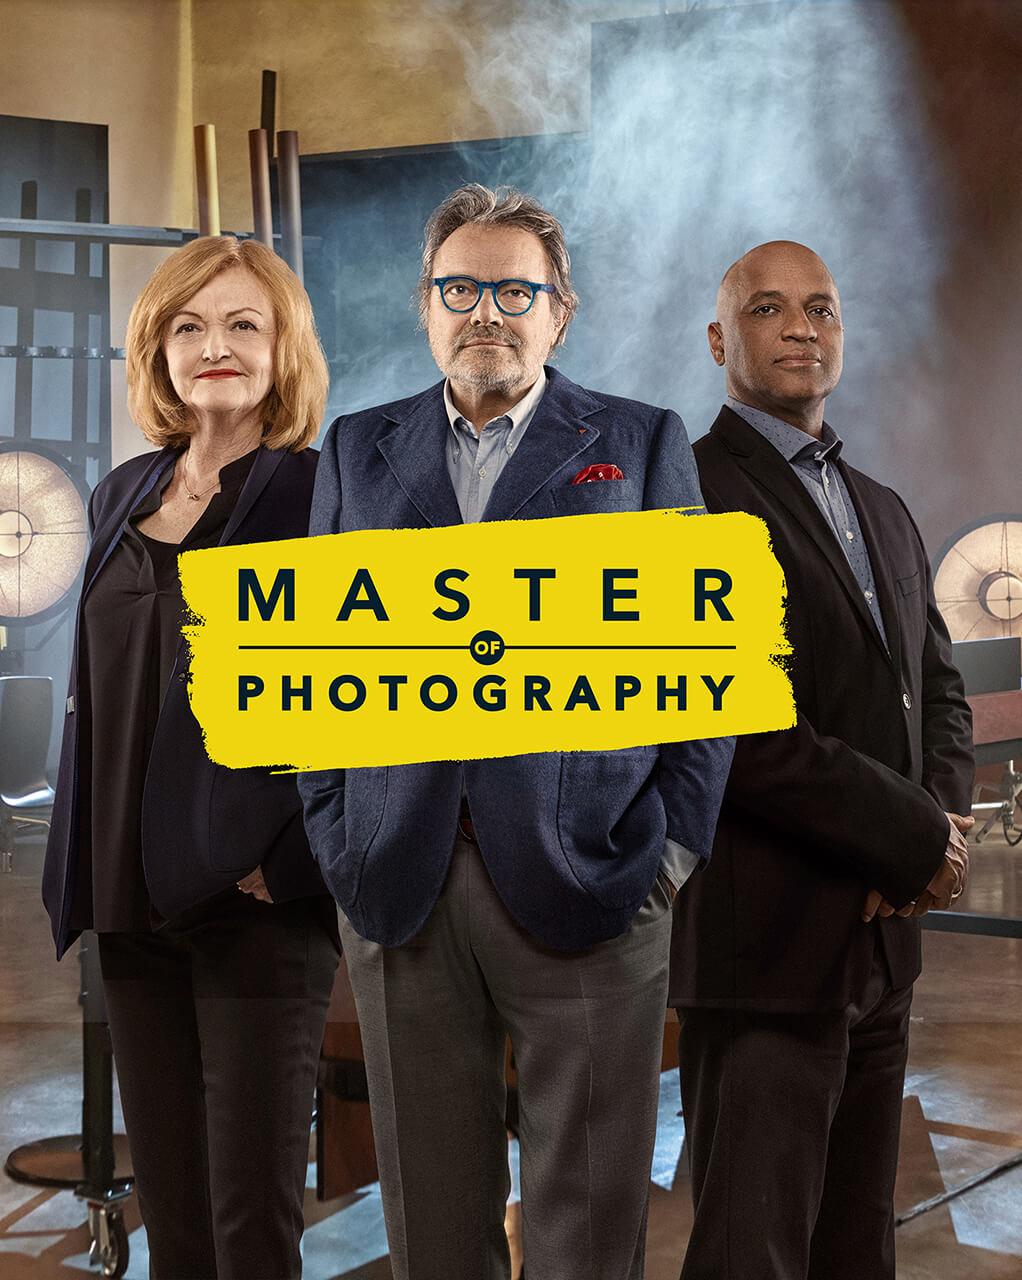 """Melismelis e Sky Arte: continua la collaborazione per la 3° stagione di """"Master of Photography"""""""